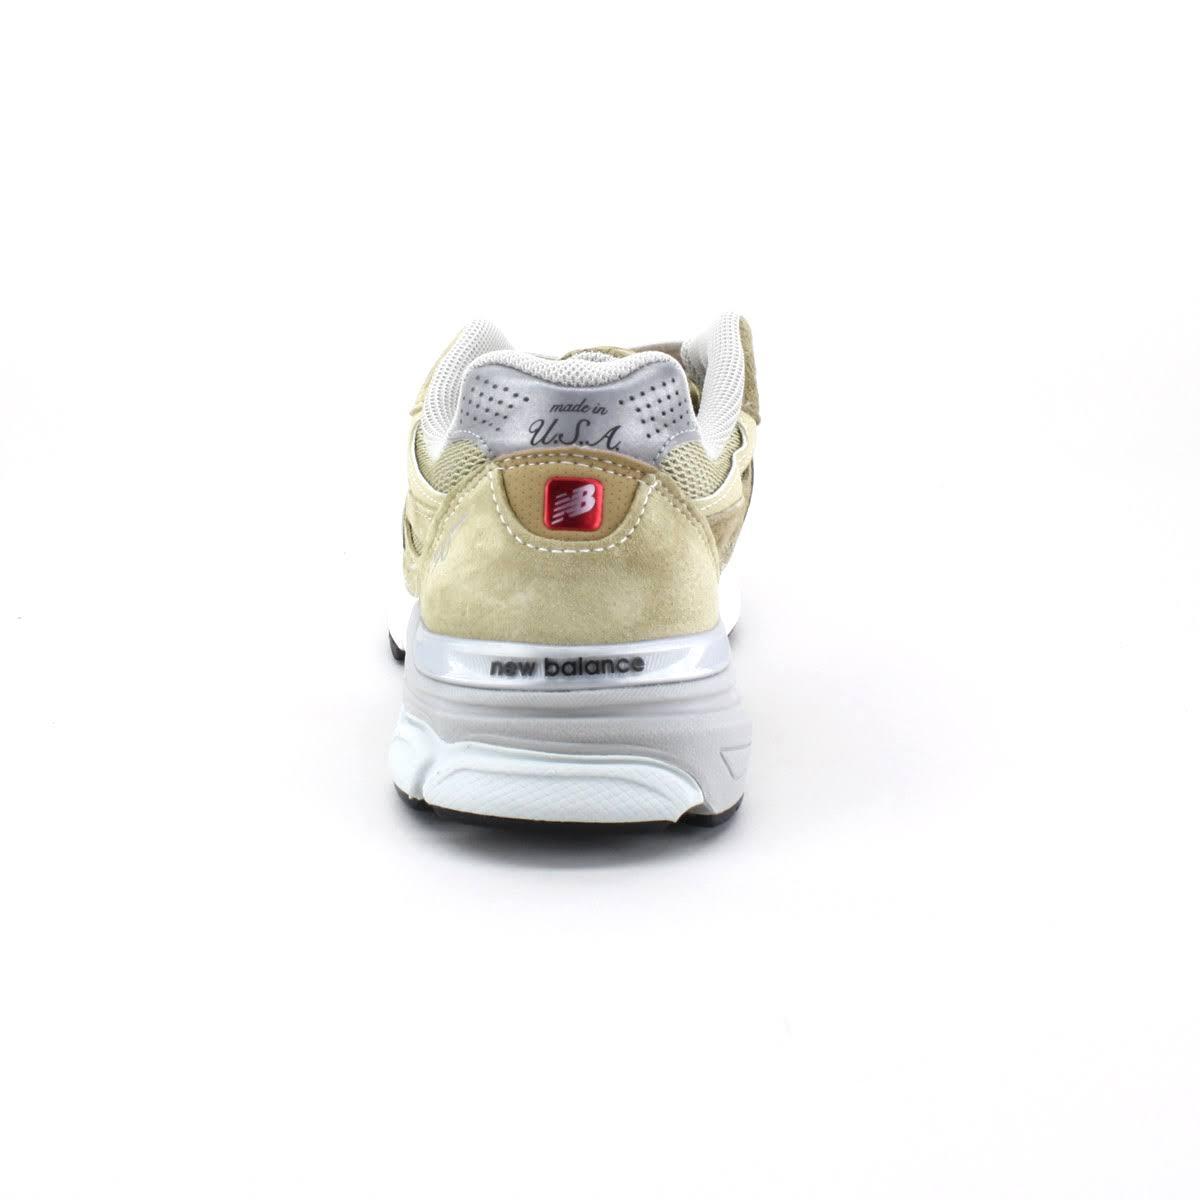 Weiß D Herren Beige Usa Balance Runner 9 New M990bg3 RaF8Hx